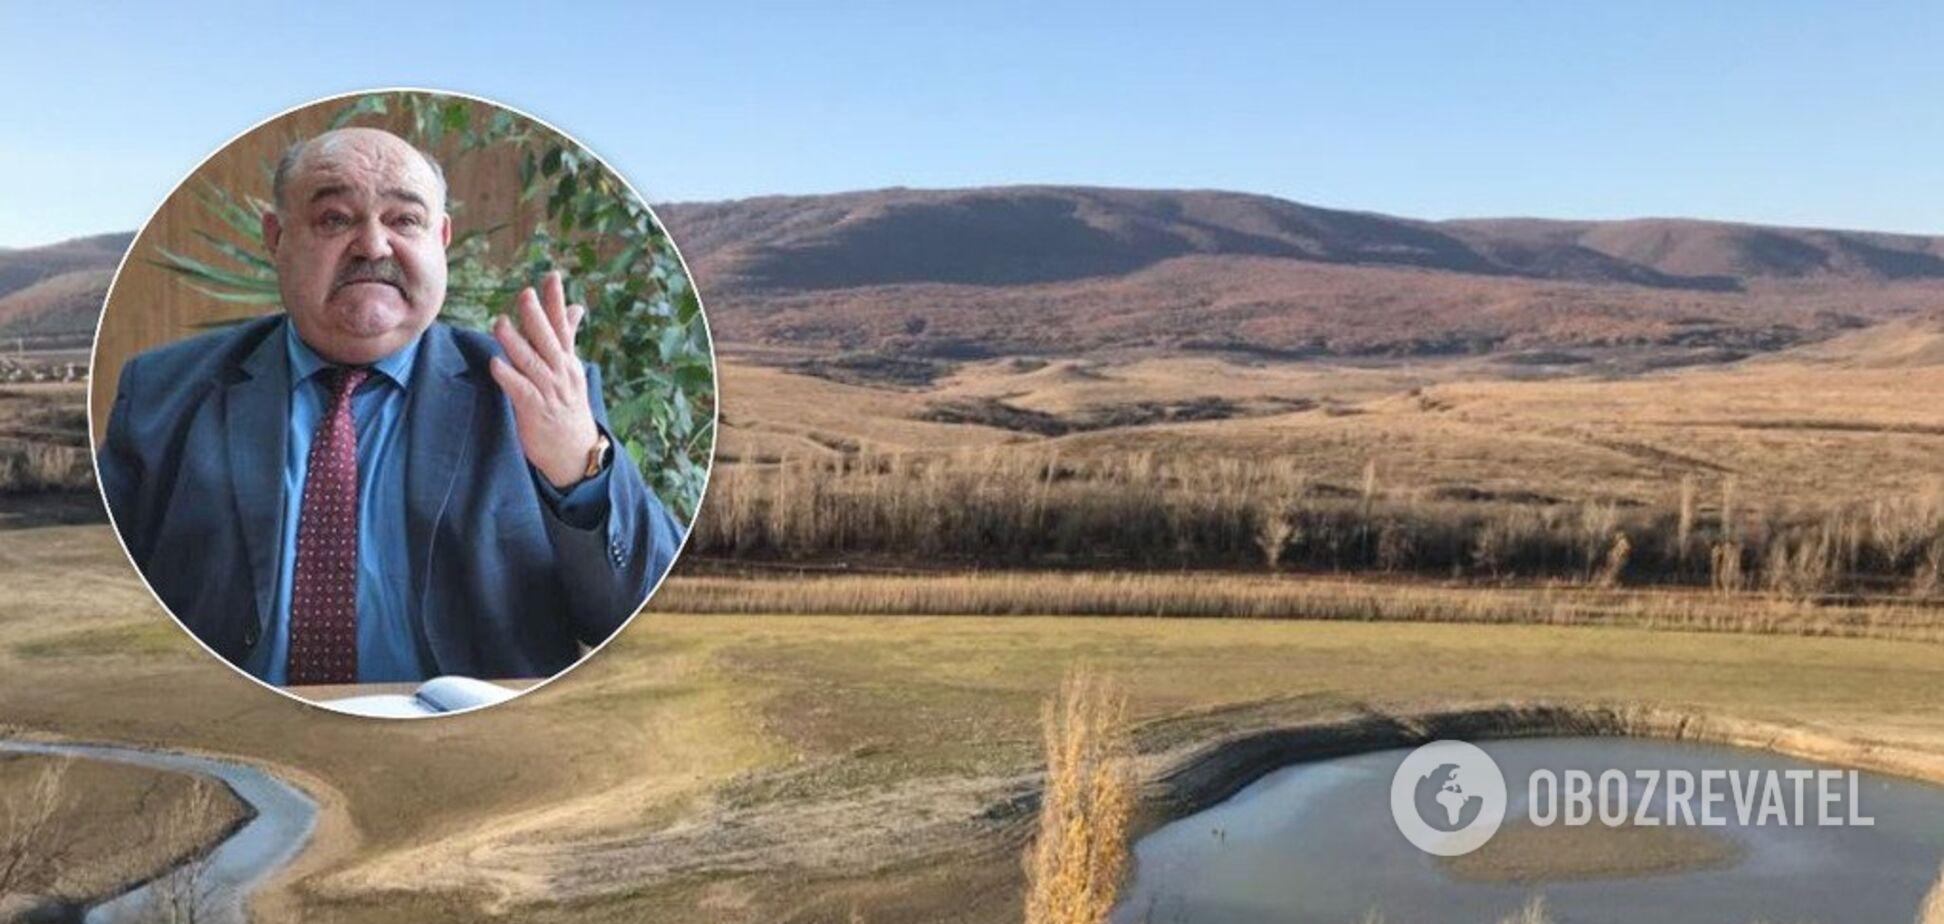 'Воду с воздуха!' Оккупанты дали маразматичный совет засыхающему Крыму